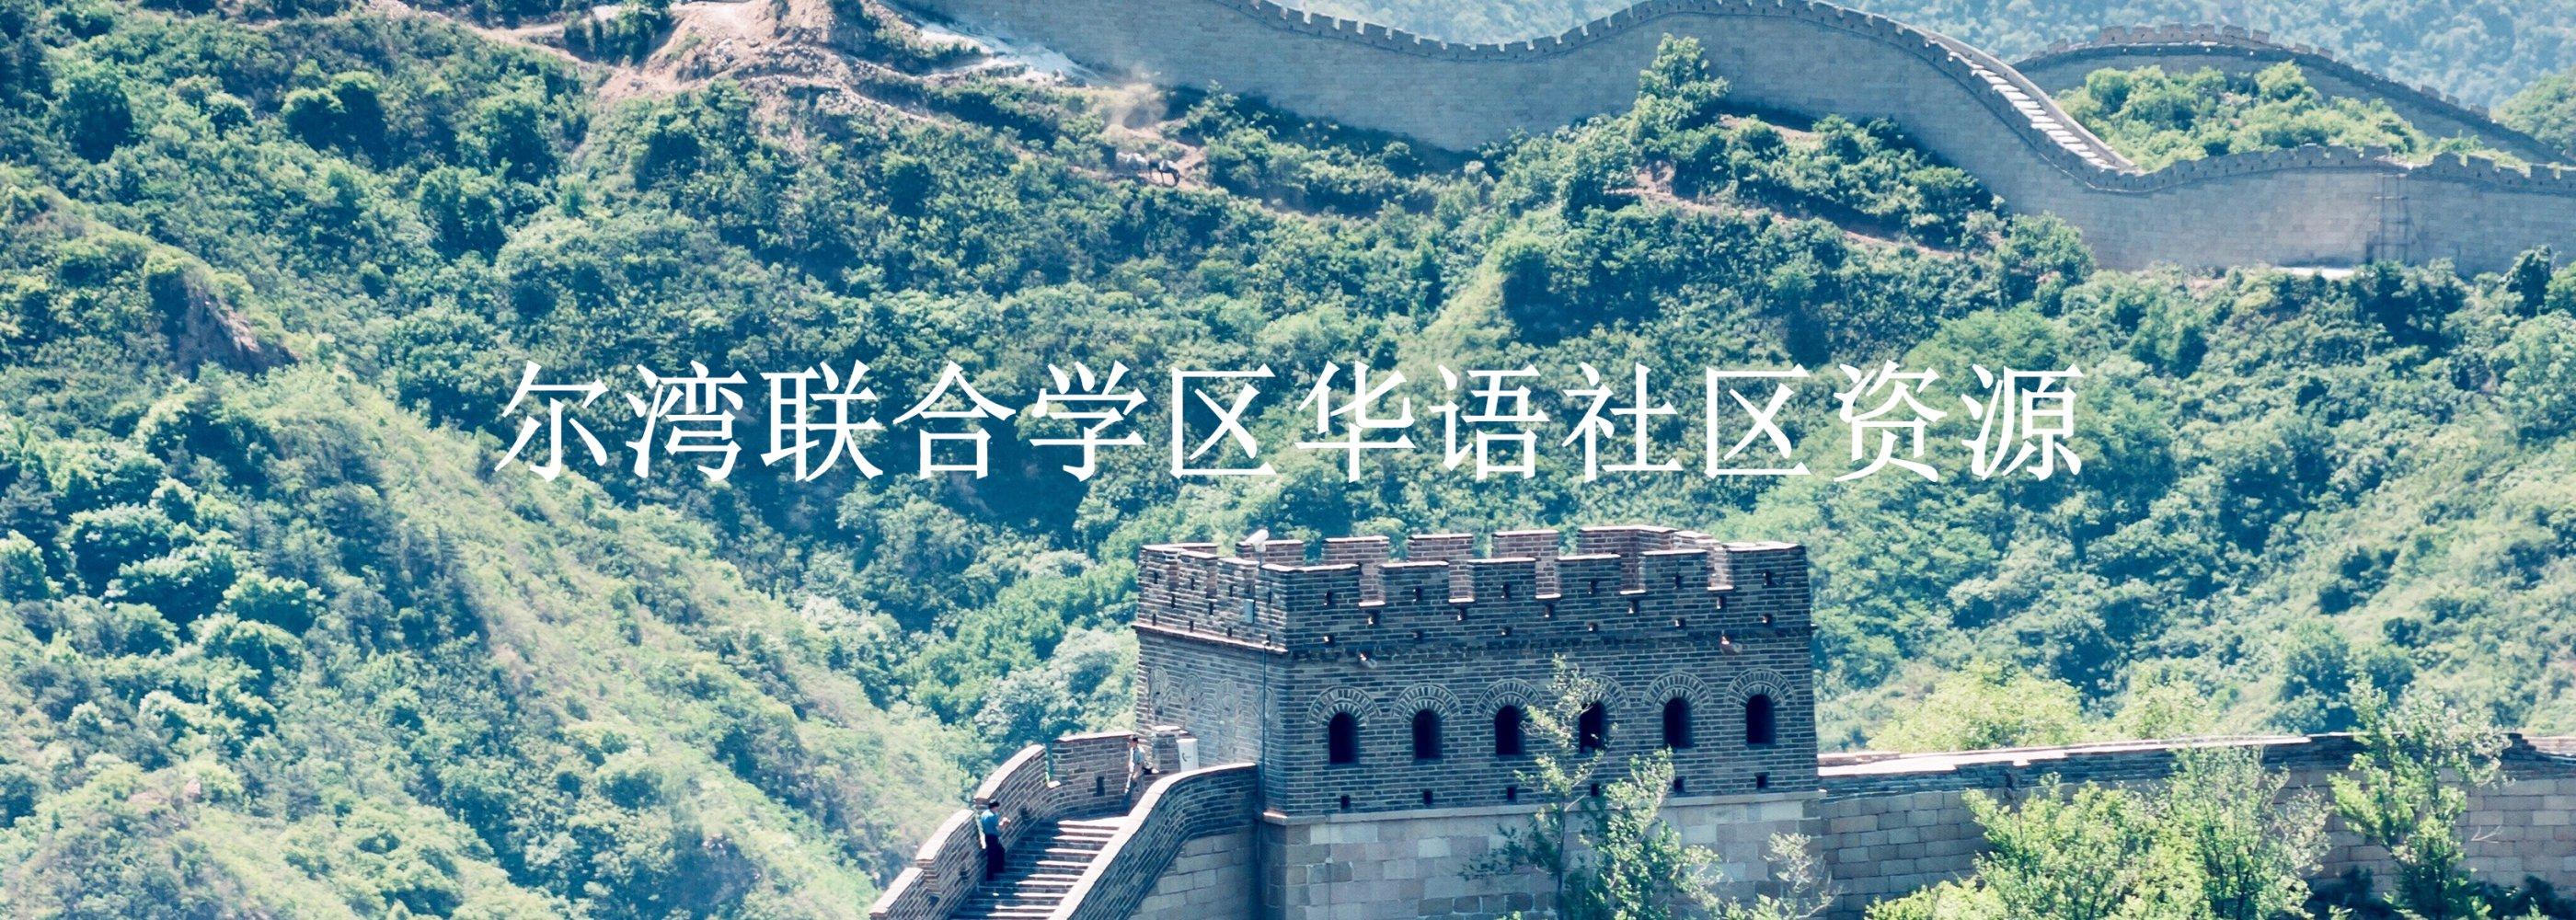 华语社区资源网页